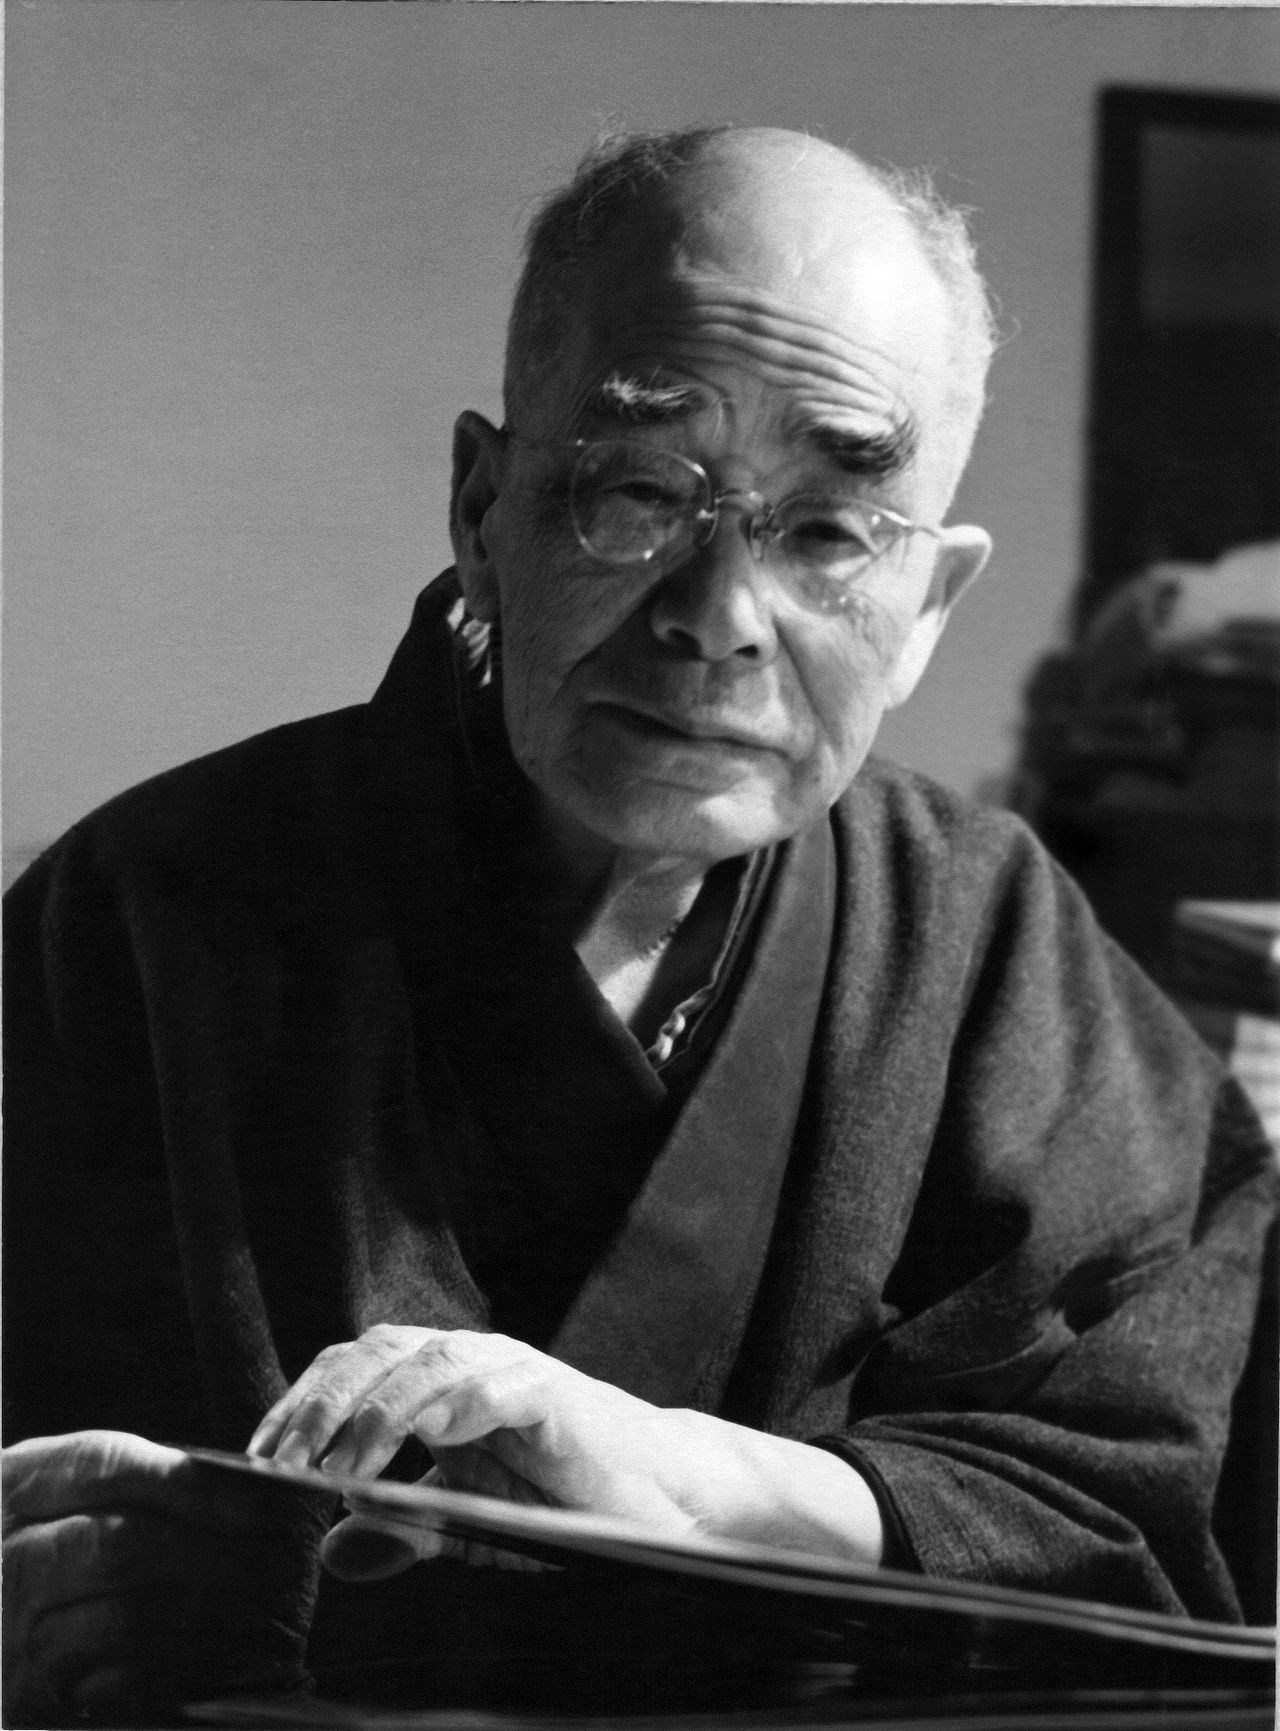 Судзуки провёл вторую половину 1950-х годов в Камакуре, погружённый в исследования (© DT Suzuki Museum)